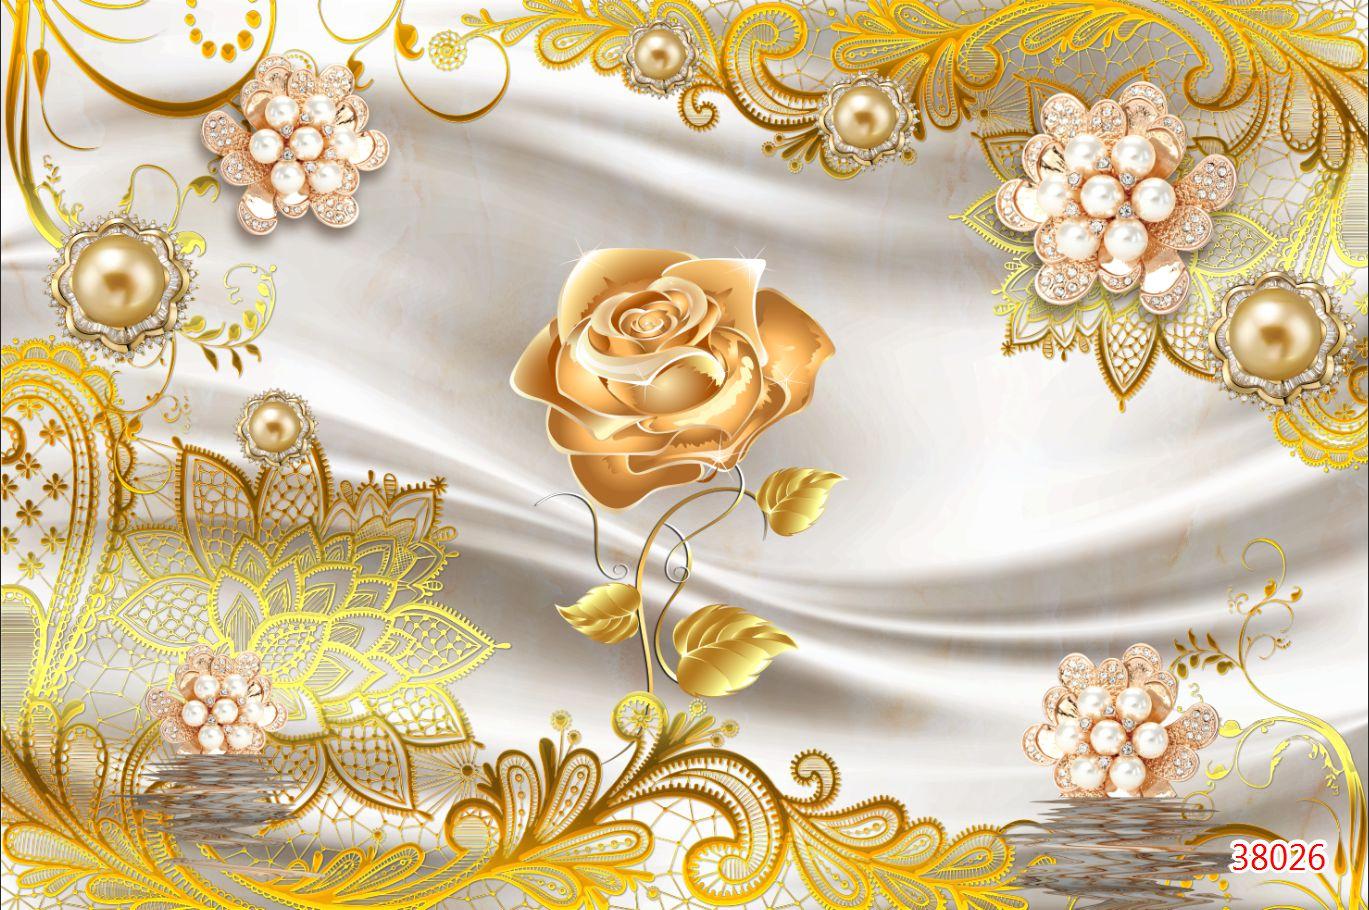 Tranh Hoa 3D - 38026